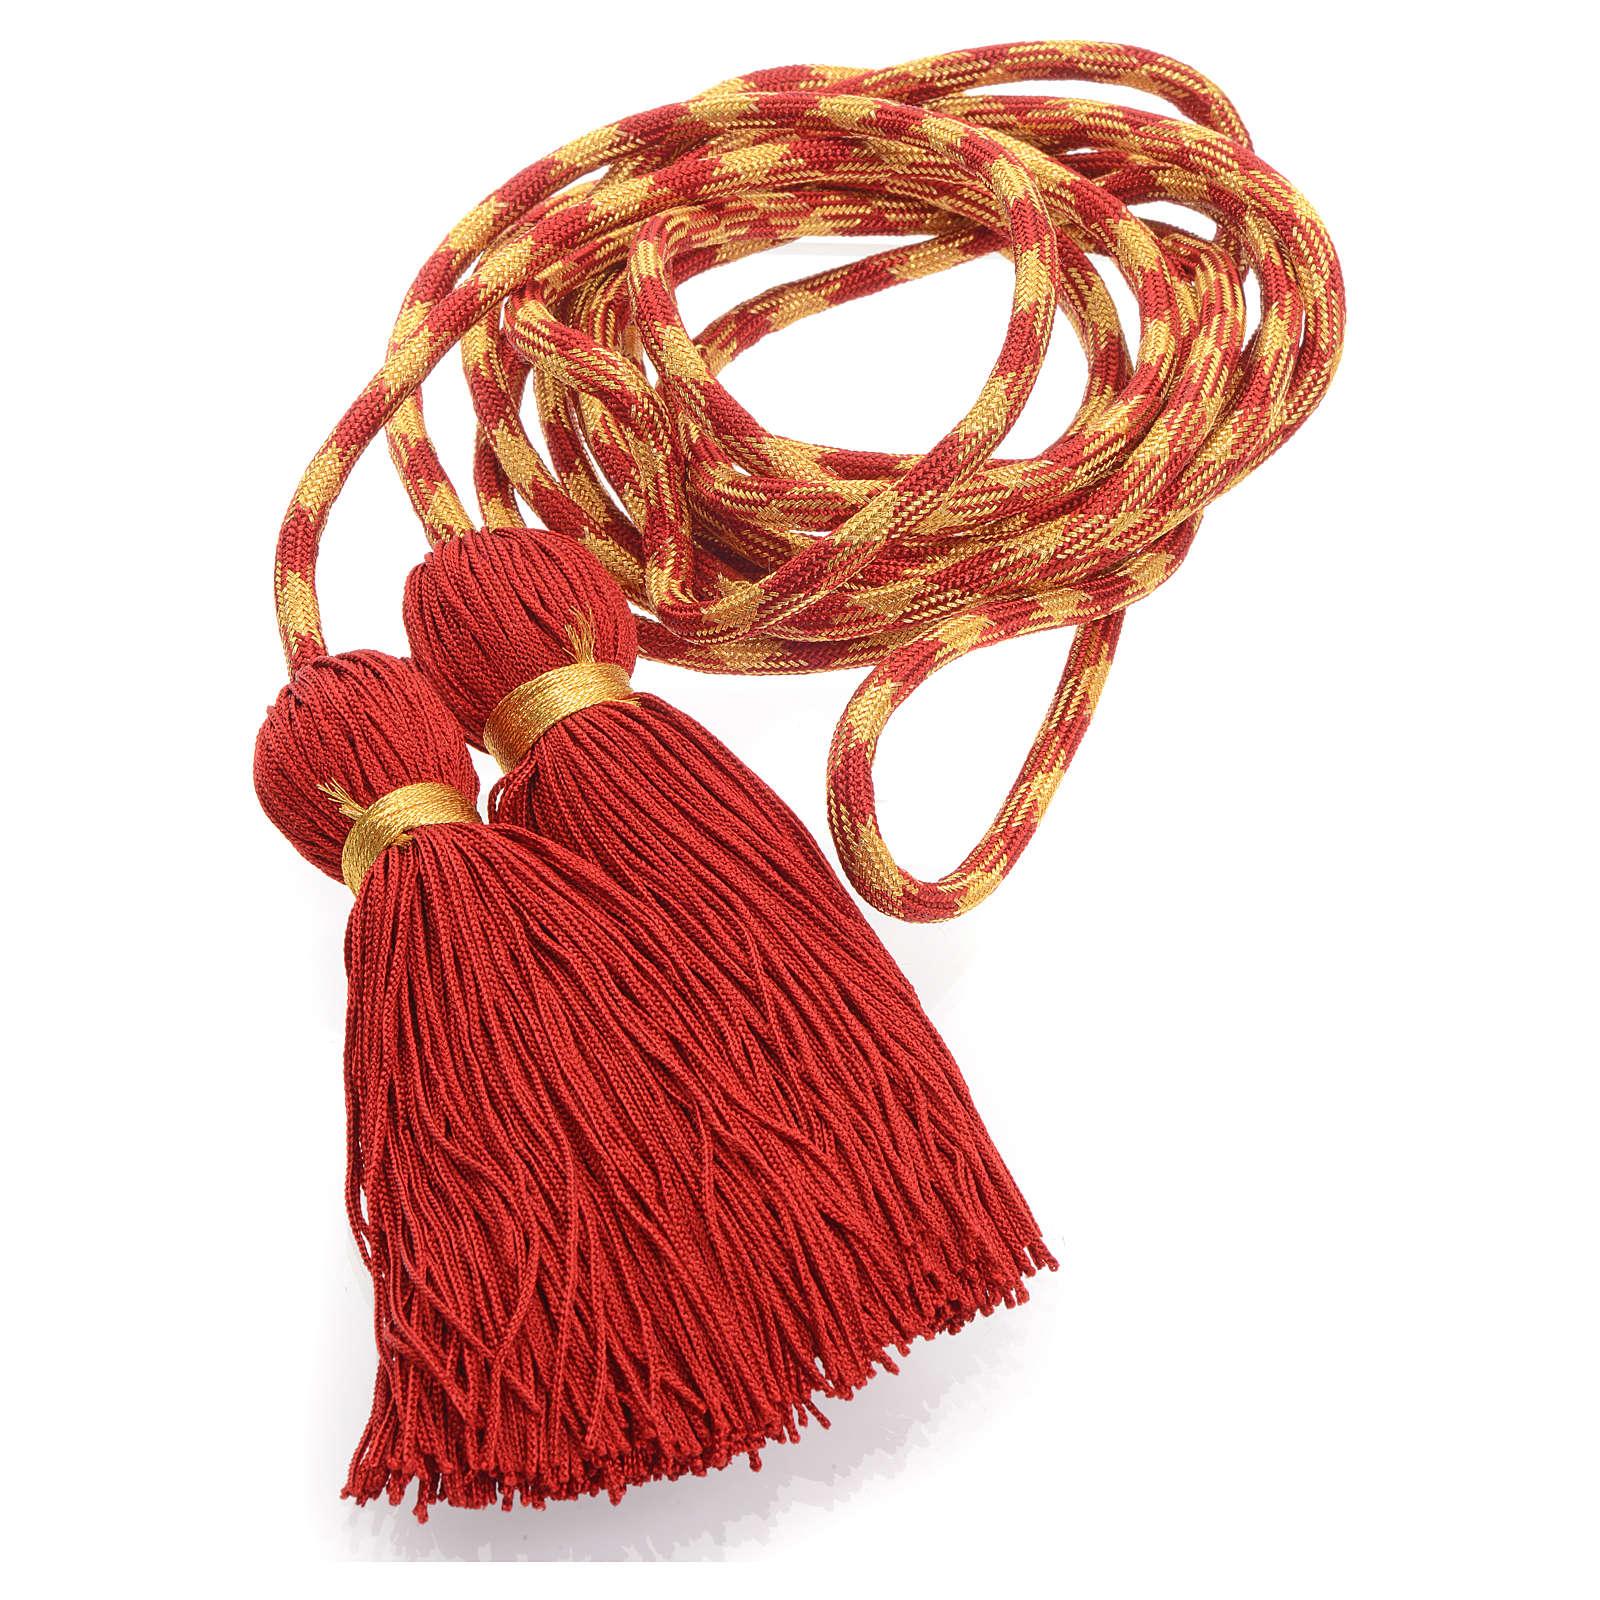 Cingolo sacerdotale color rosso oro 4